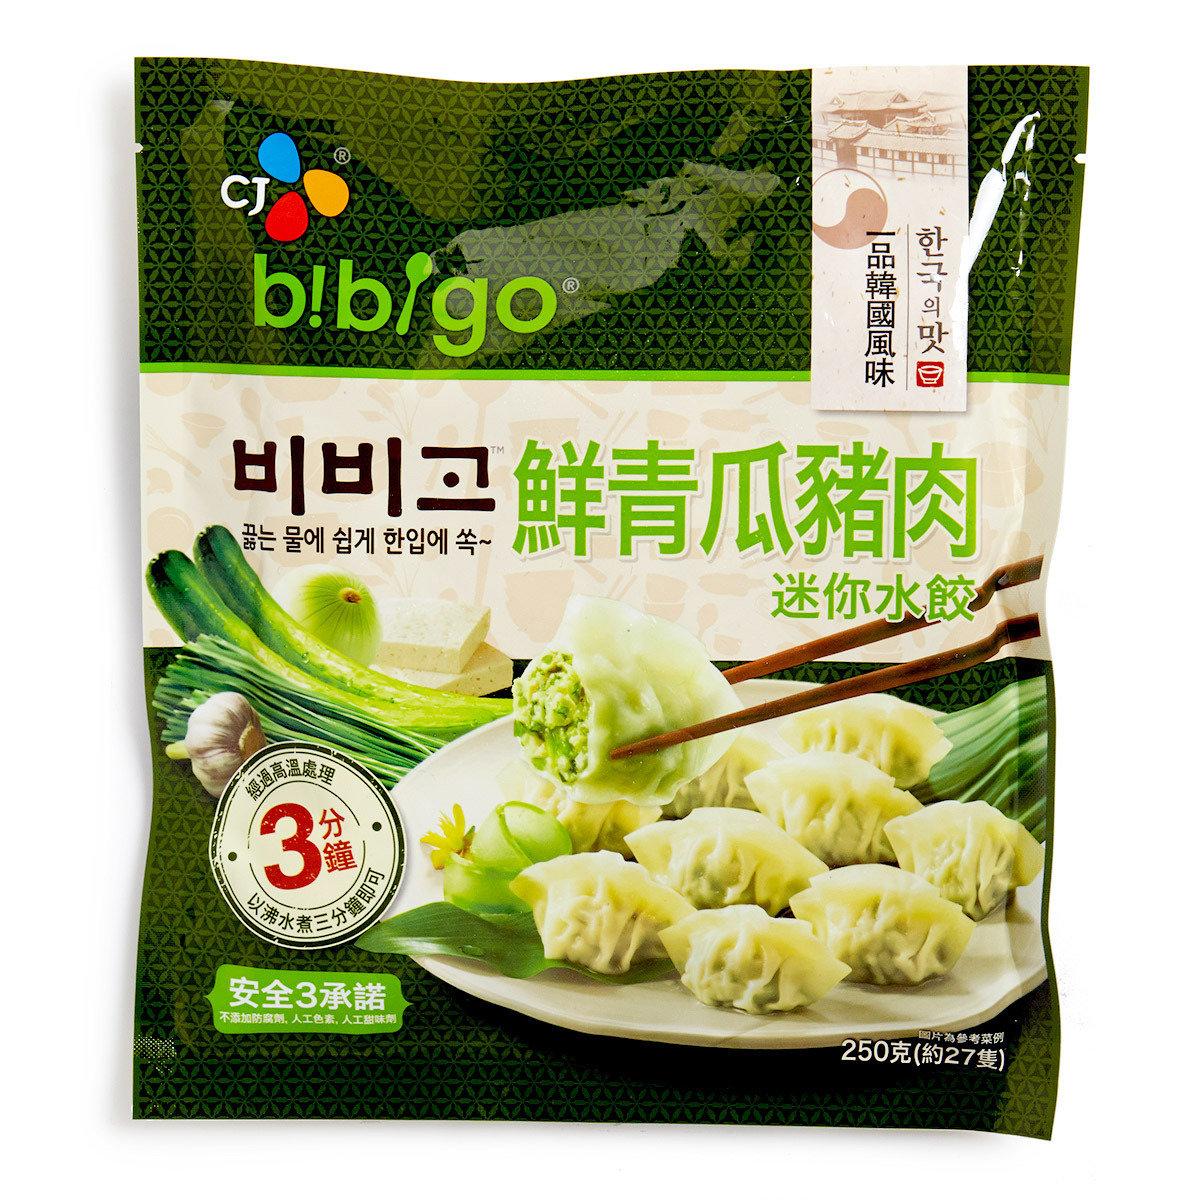 Bibigo 鮮青瓜豬肉迷你水餃 (急凍)